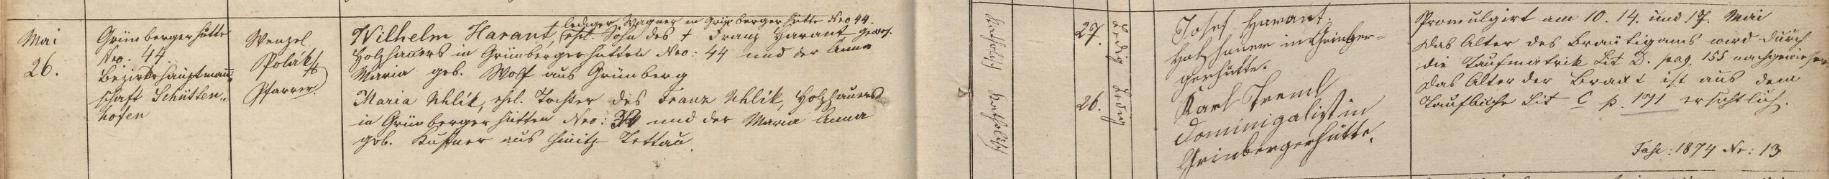 Záznam oddací matriky farní obce Srní o zdejší svatbě jeho rodičů v květnu roku 1874